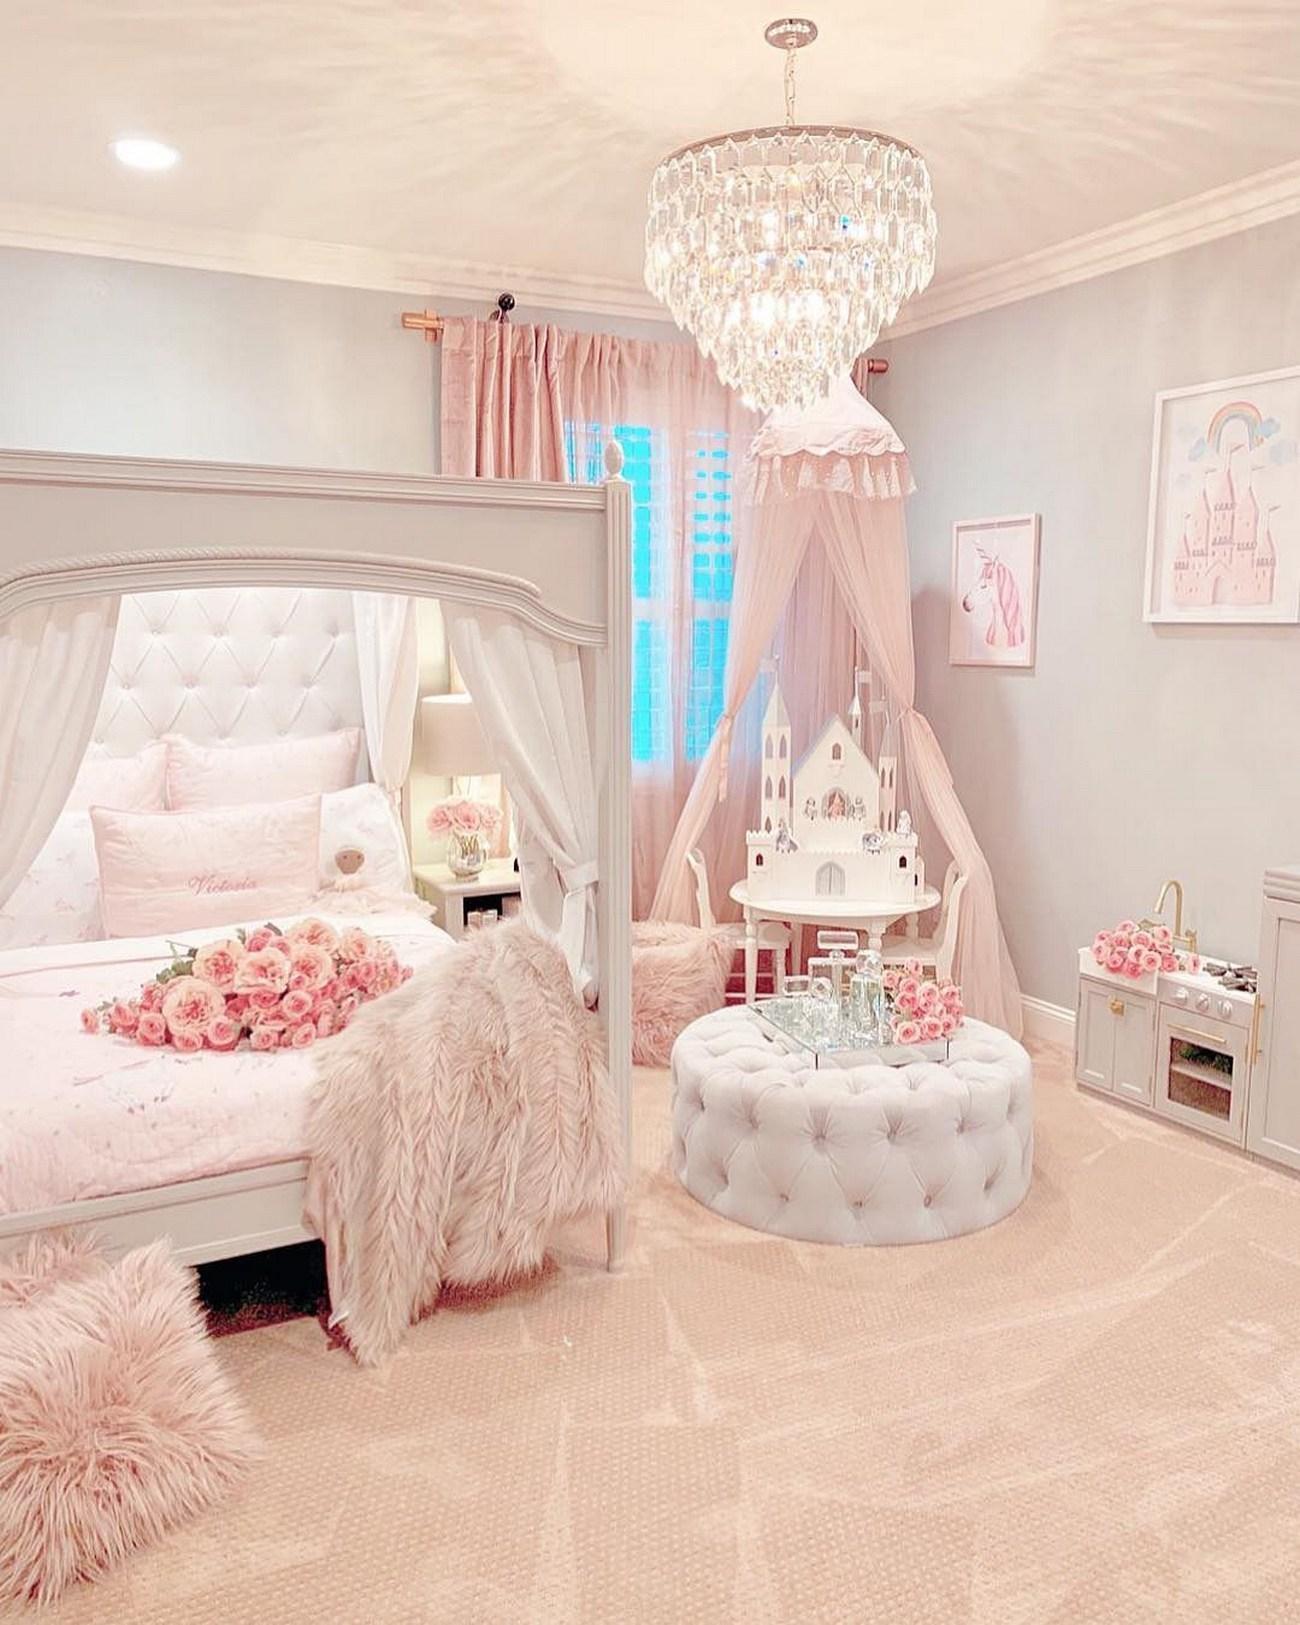 Nội thất đẹp với hoa, rèm và những đồ trang trí khác